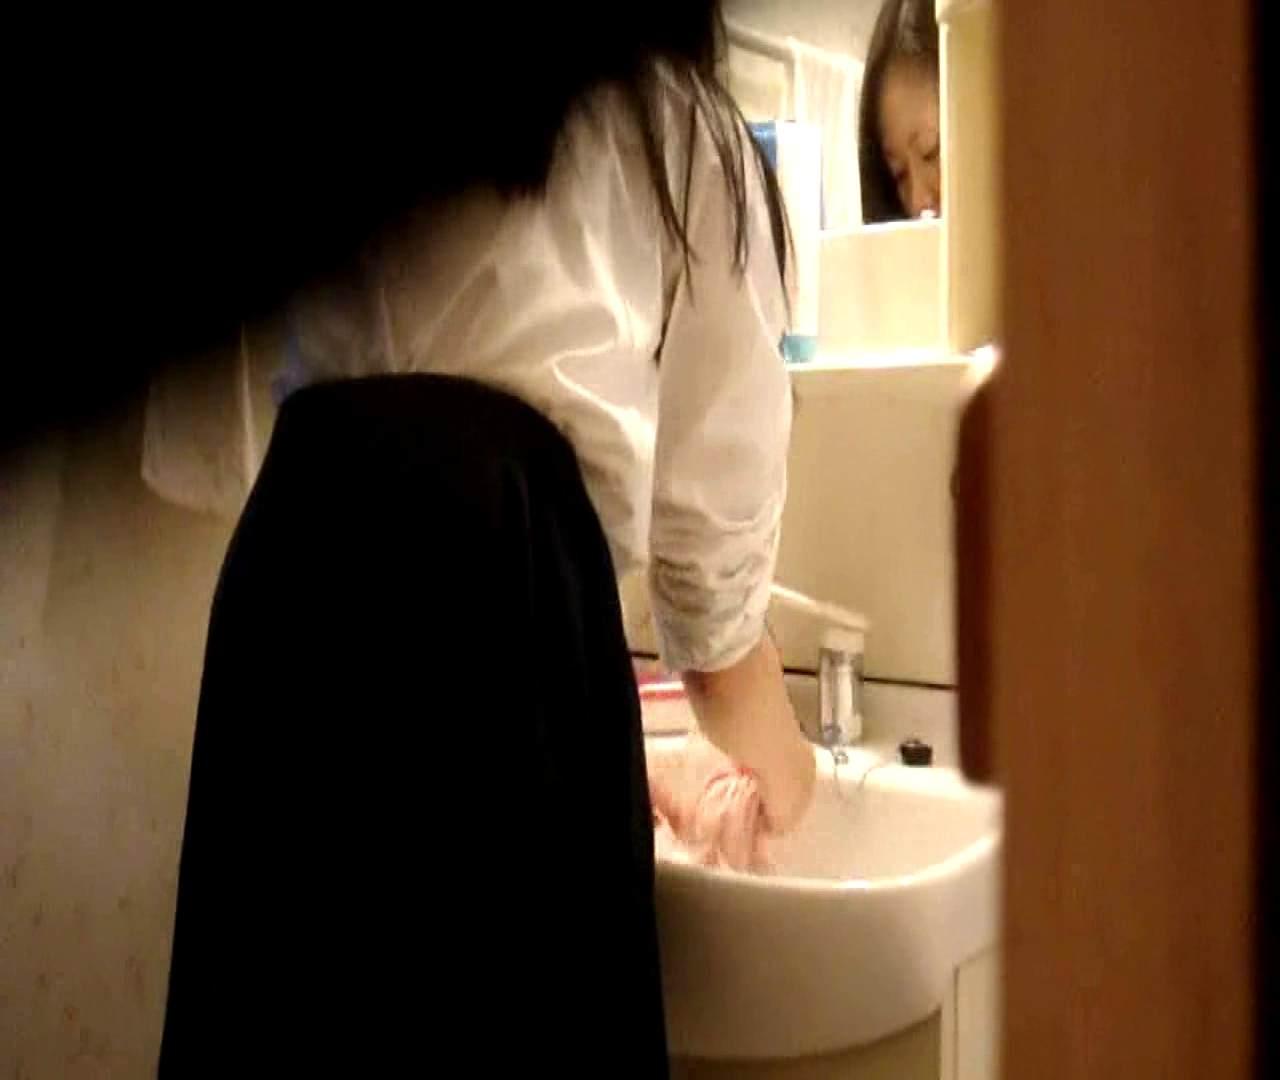 二人とも育てた甲斐がありました… vol.05 まどかが洗顔後にブラを洗濯 美しいOLの裸体 | 0  102pic 69